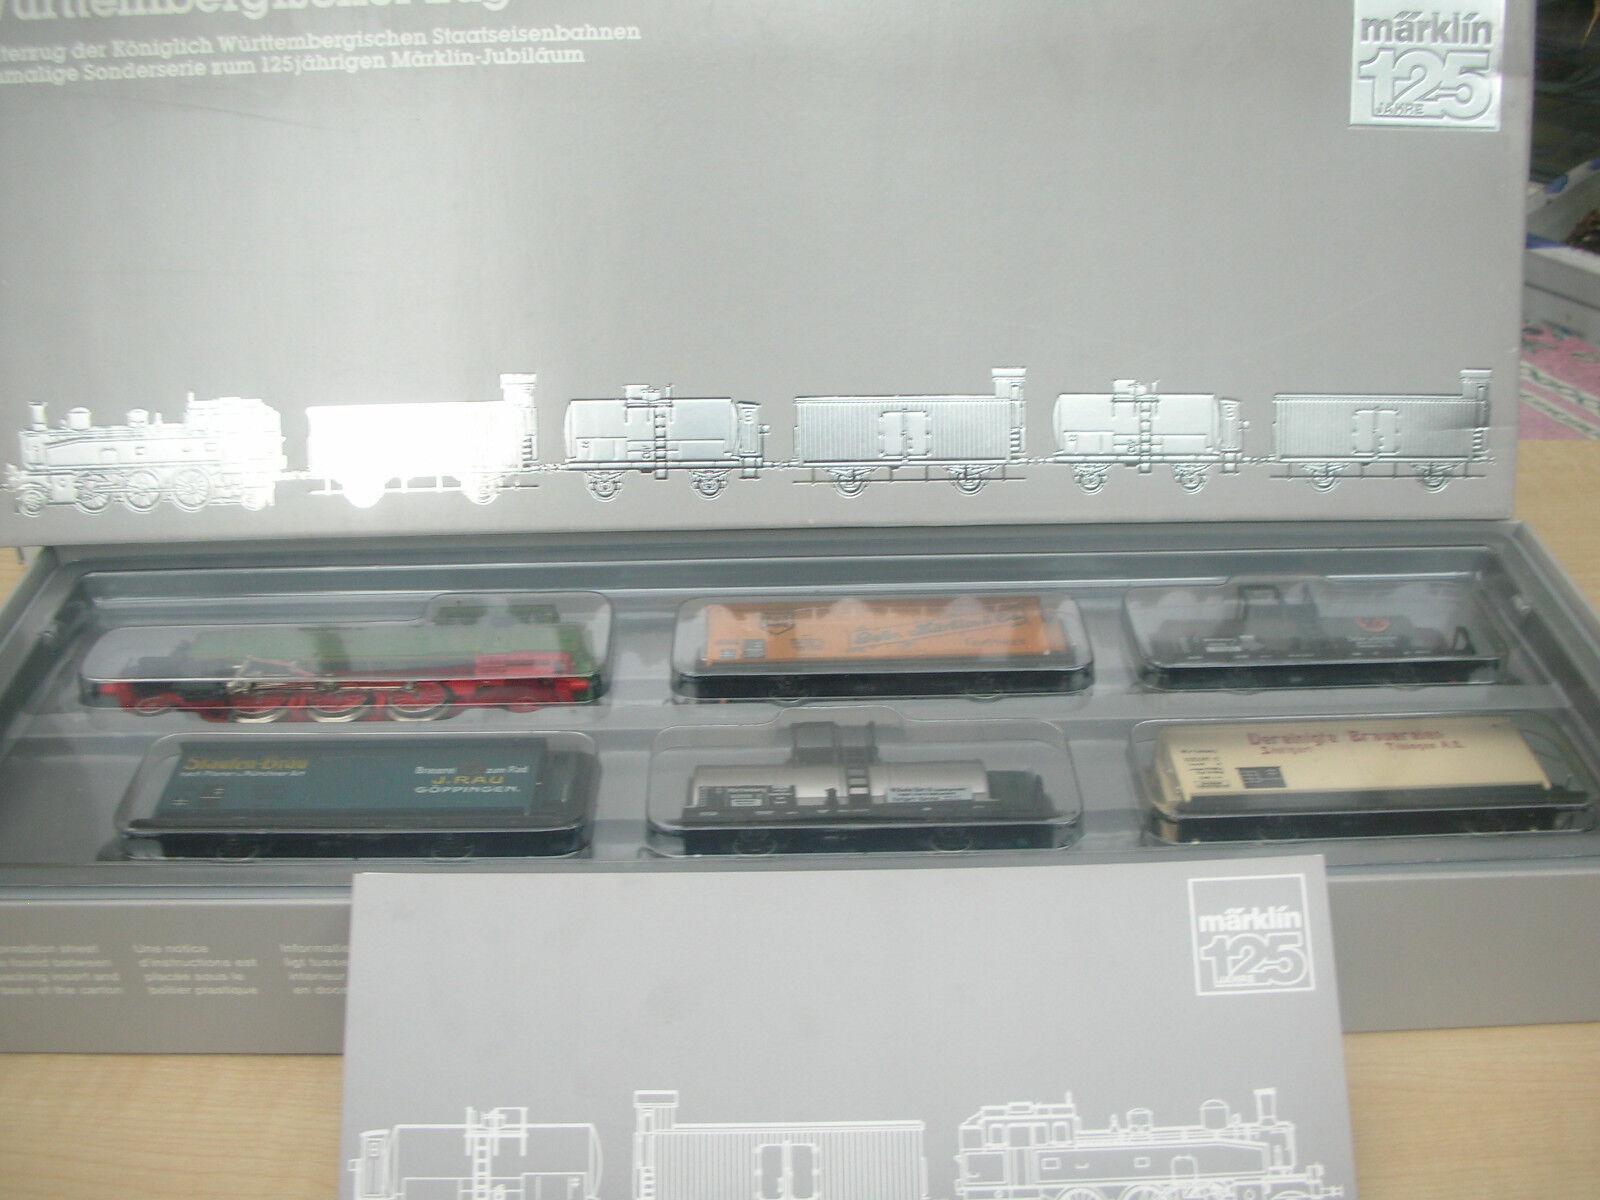 Marklin 2857, ottimo treno, Lok T 5 + 5 carri della K.W. ST. e, Nuovo, Confezione Originale